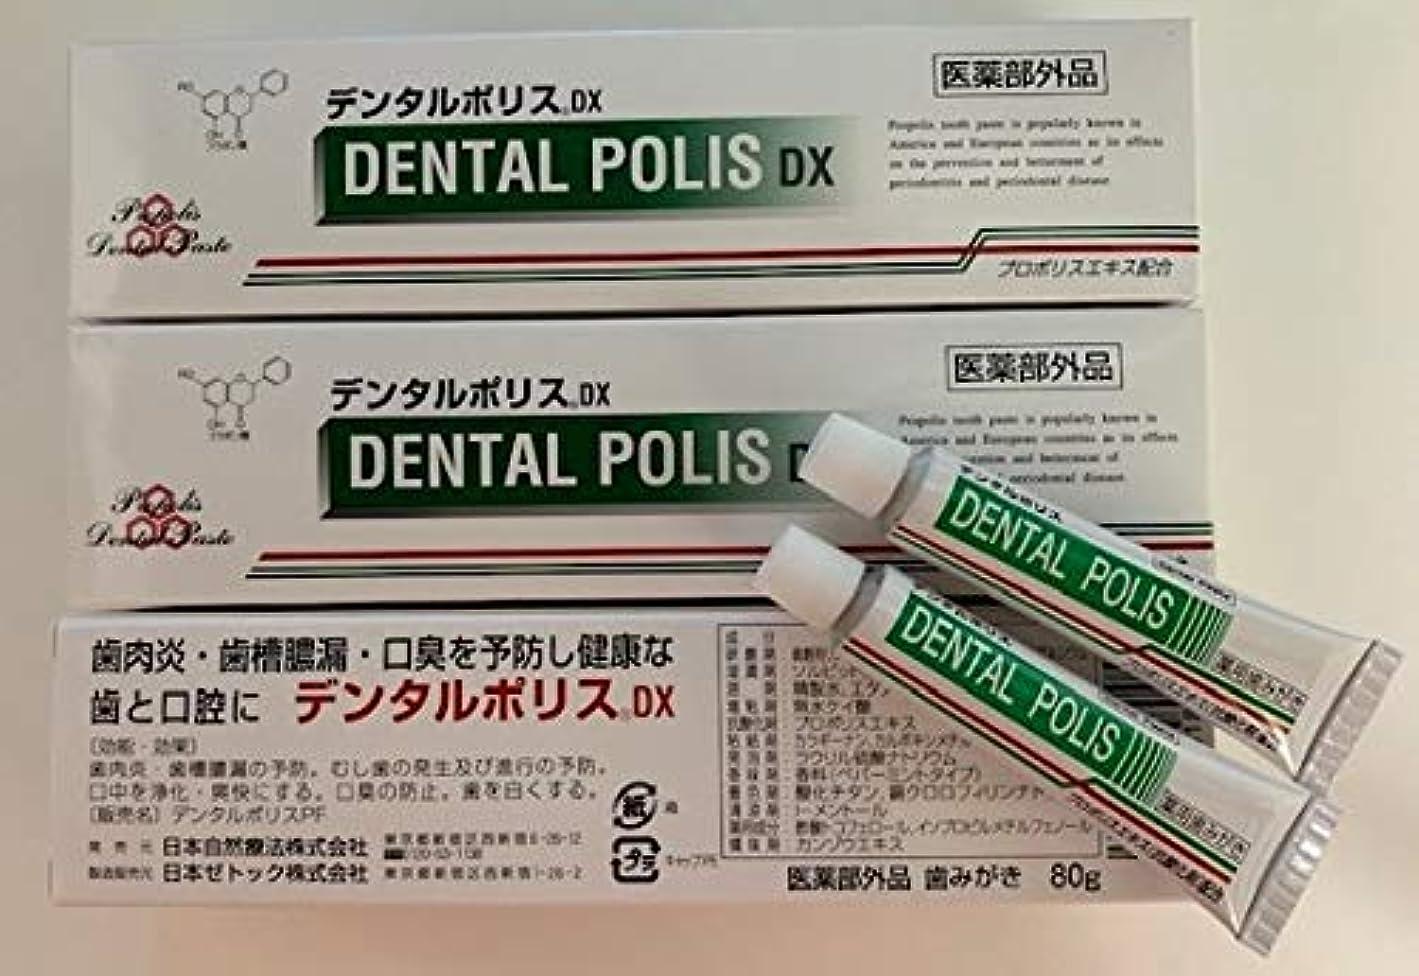 等価彼らは強打プロポリス配合歯みがき粉 デンタルポリスDX 3本プラス2本(8g入り) セット 歯周病予防 口臭ケア 【医薬部外品】